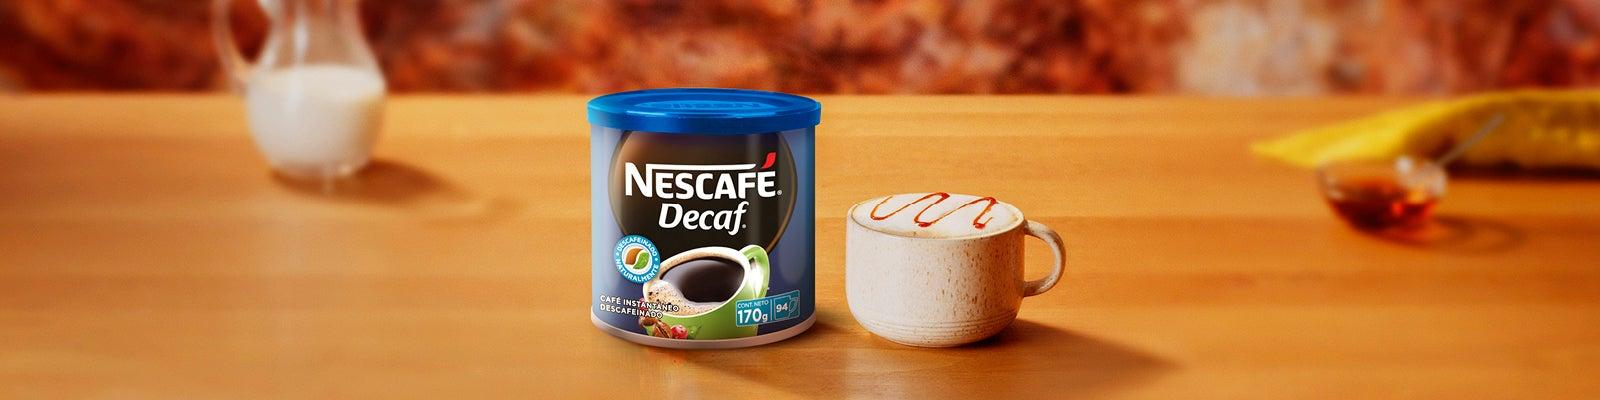 Latte de caramelo cremoso descafeinado